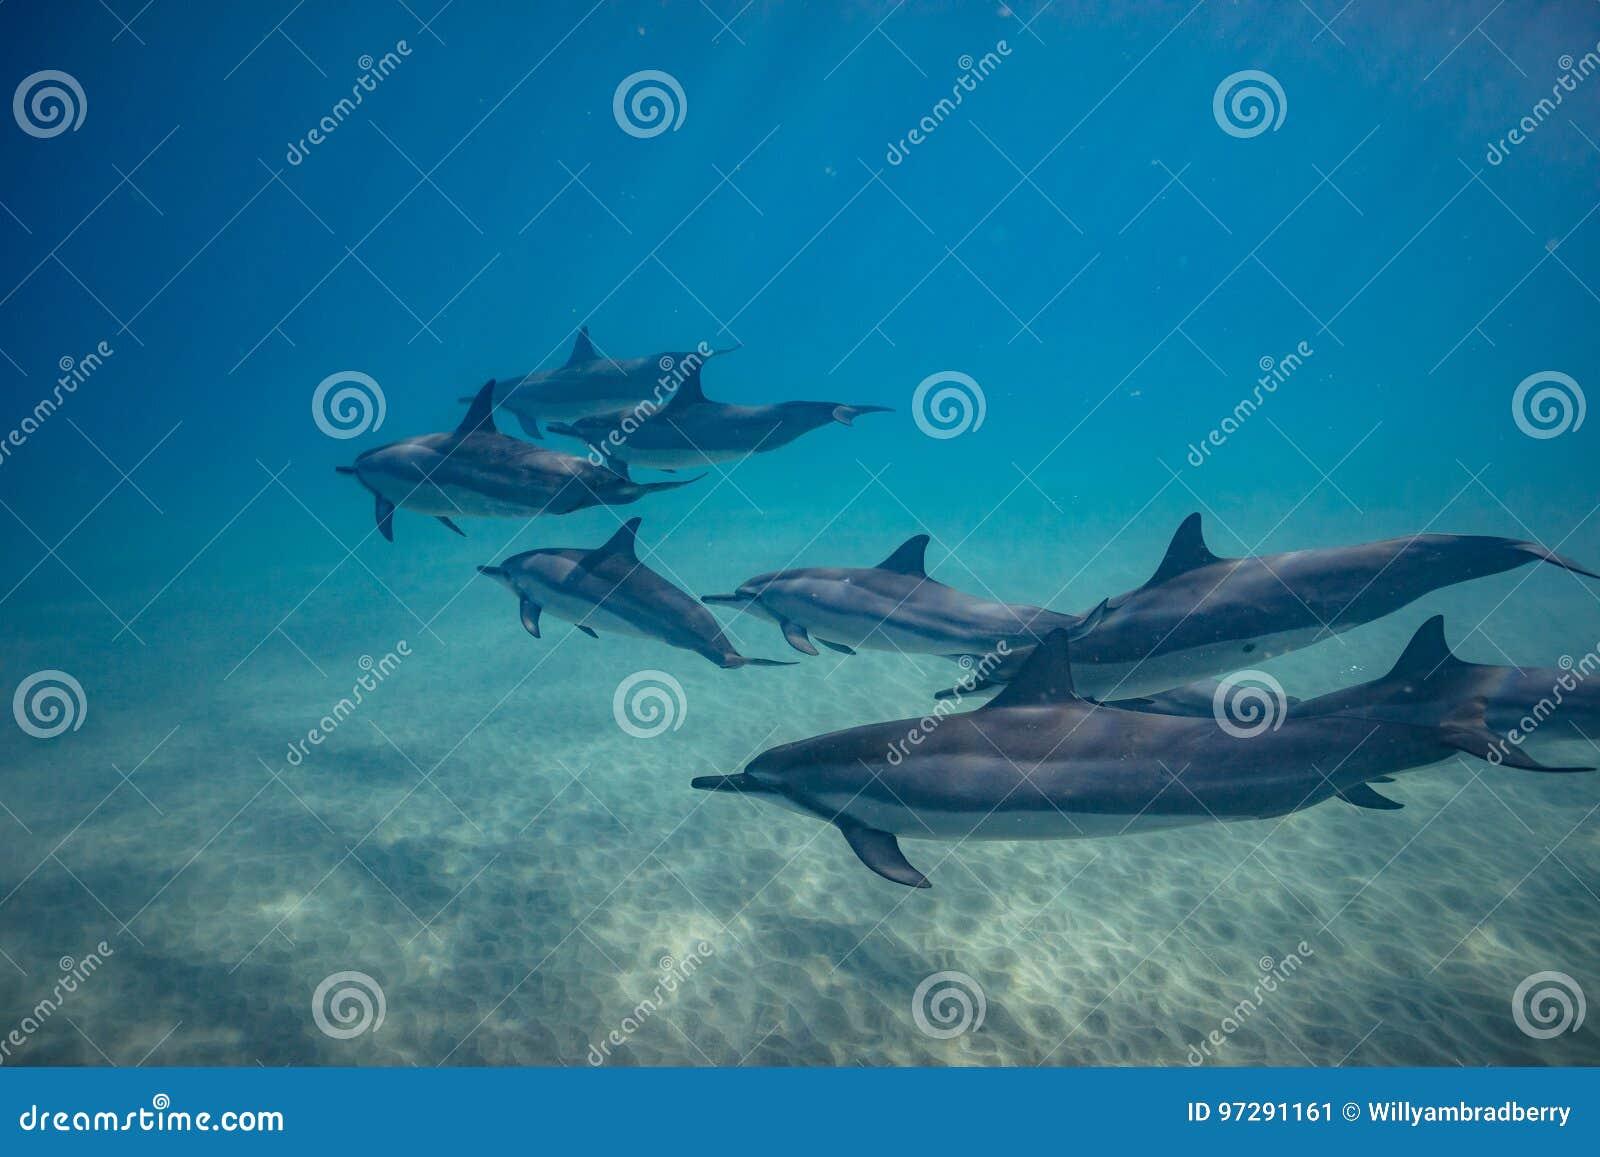 Delfínes juguetones salvajes subacuáticos en el océano azul profundo